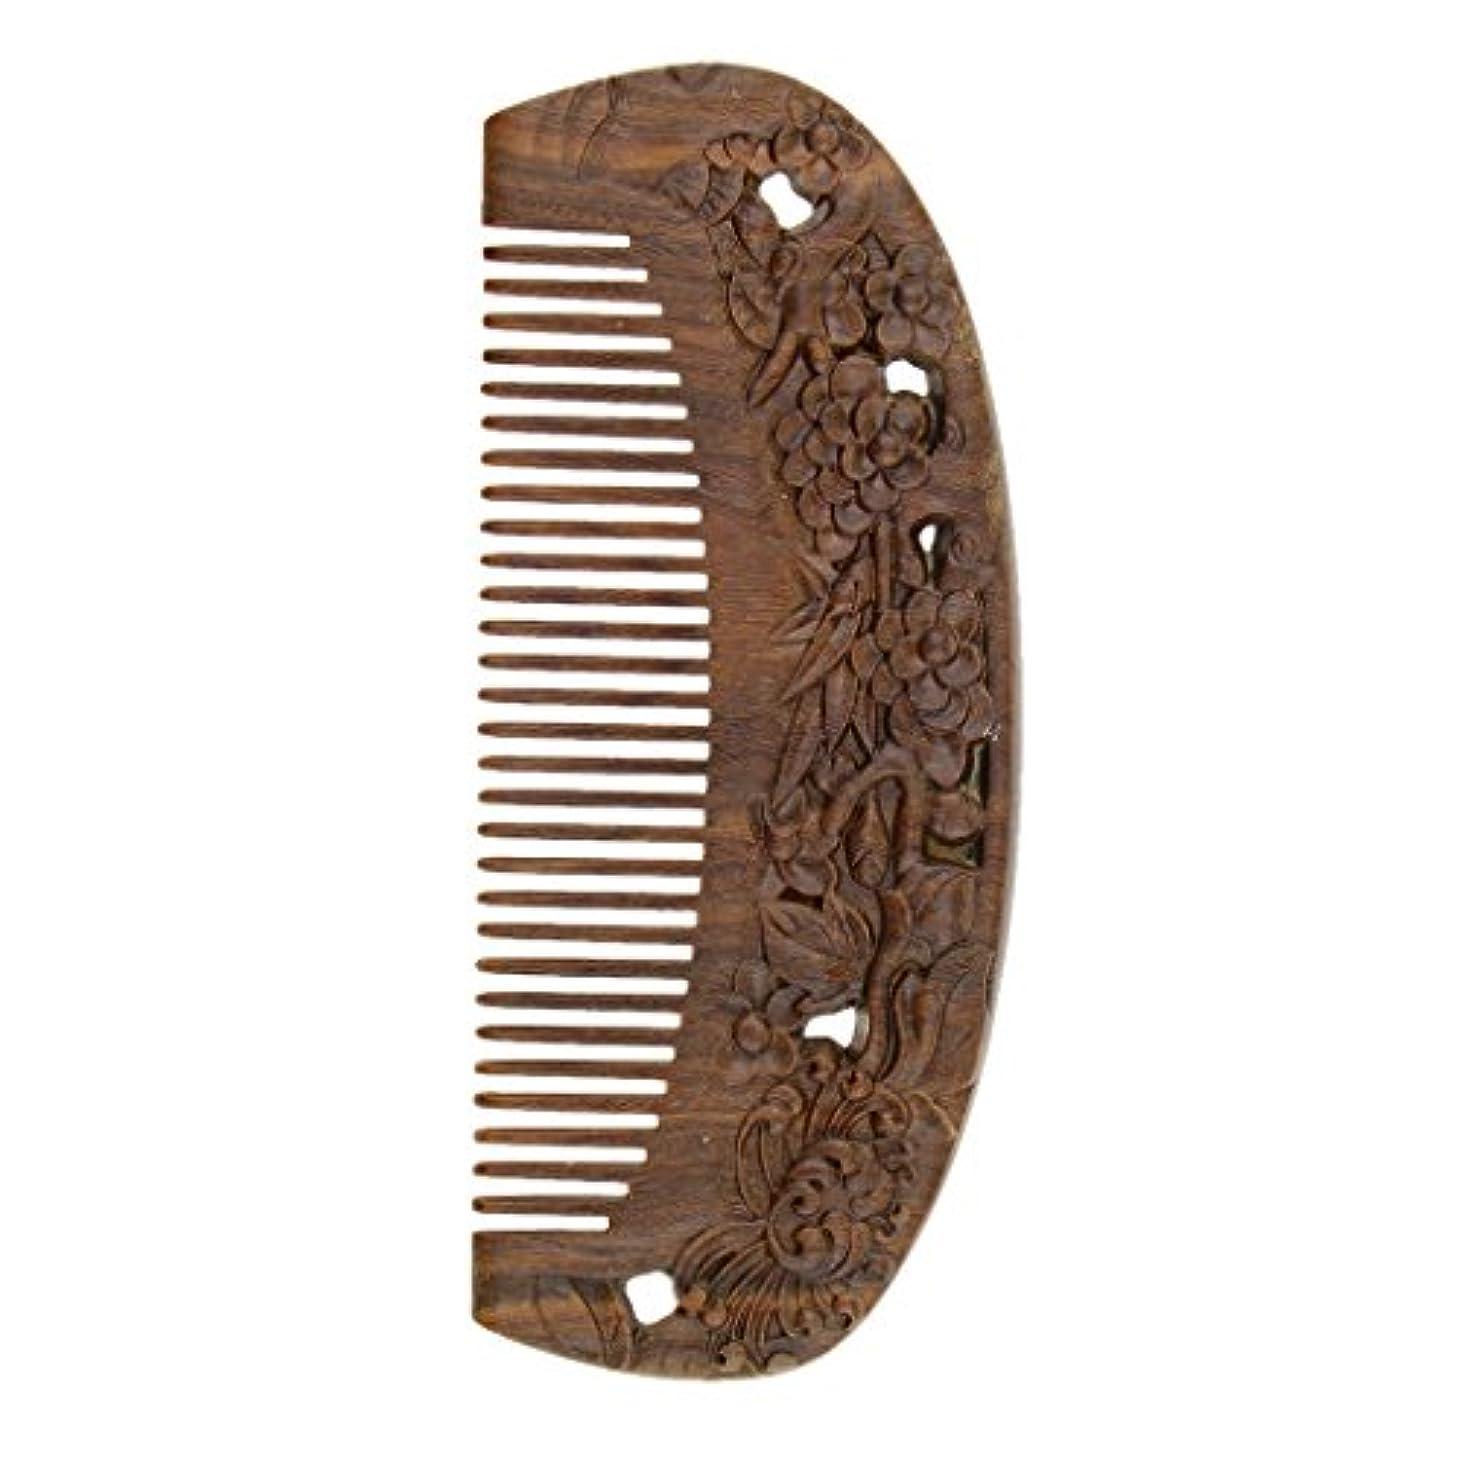 大胆不敵申請中メールDYNWAVE ヘアスタイリング 木製コーム ウッドコーム ワイド歯 頭皮マッサージ ヘアブラシ 全2種類 - #2